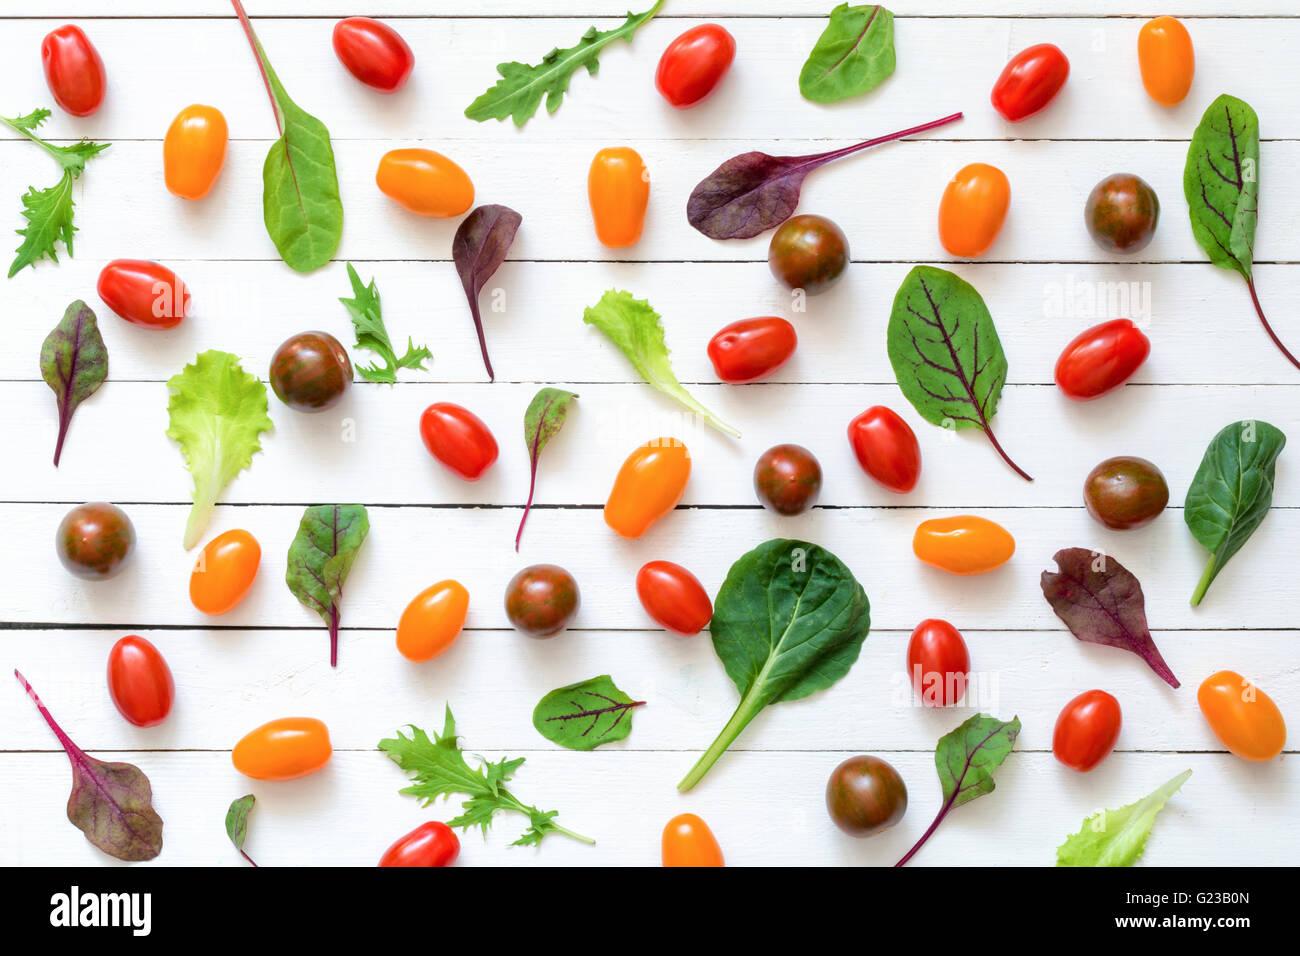 Télévision couleur jeter d'ingrédients alimentaires. Fond d'aliments sains Photo Stock